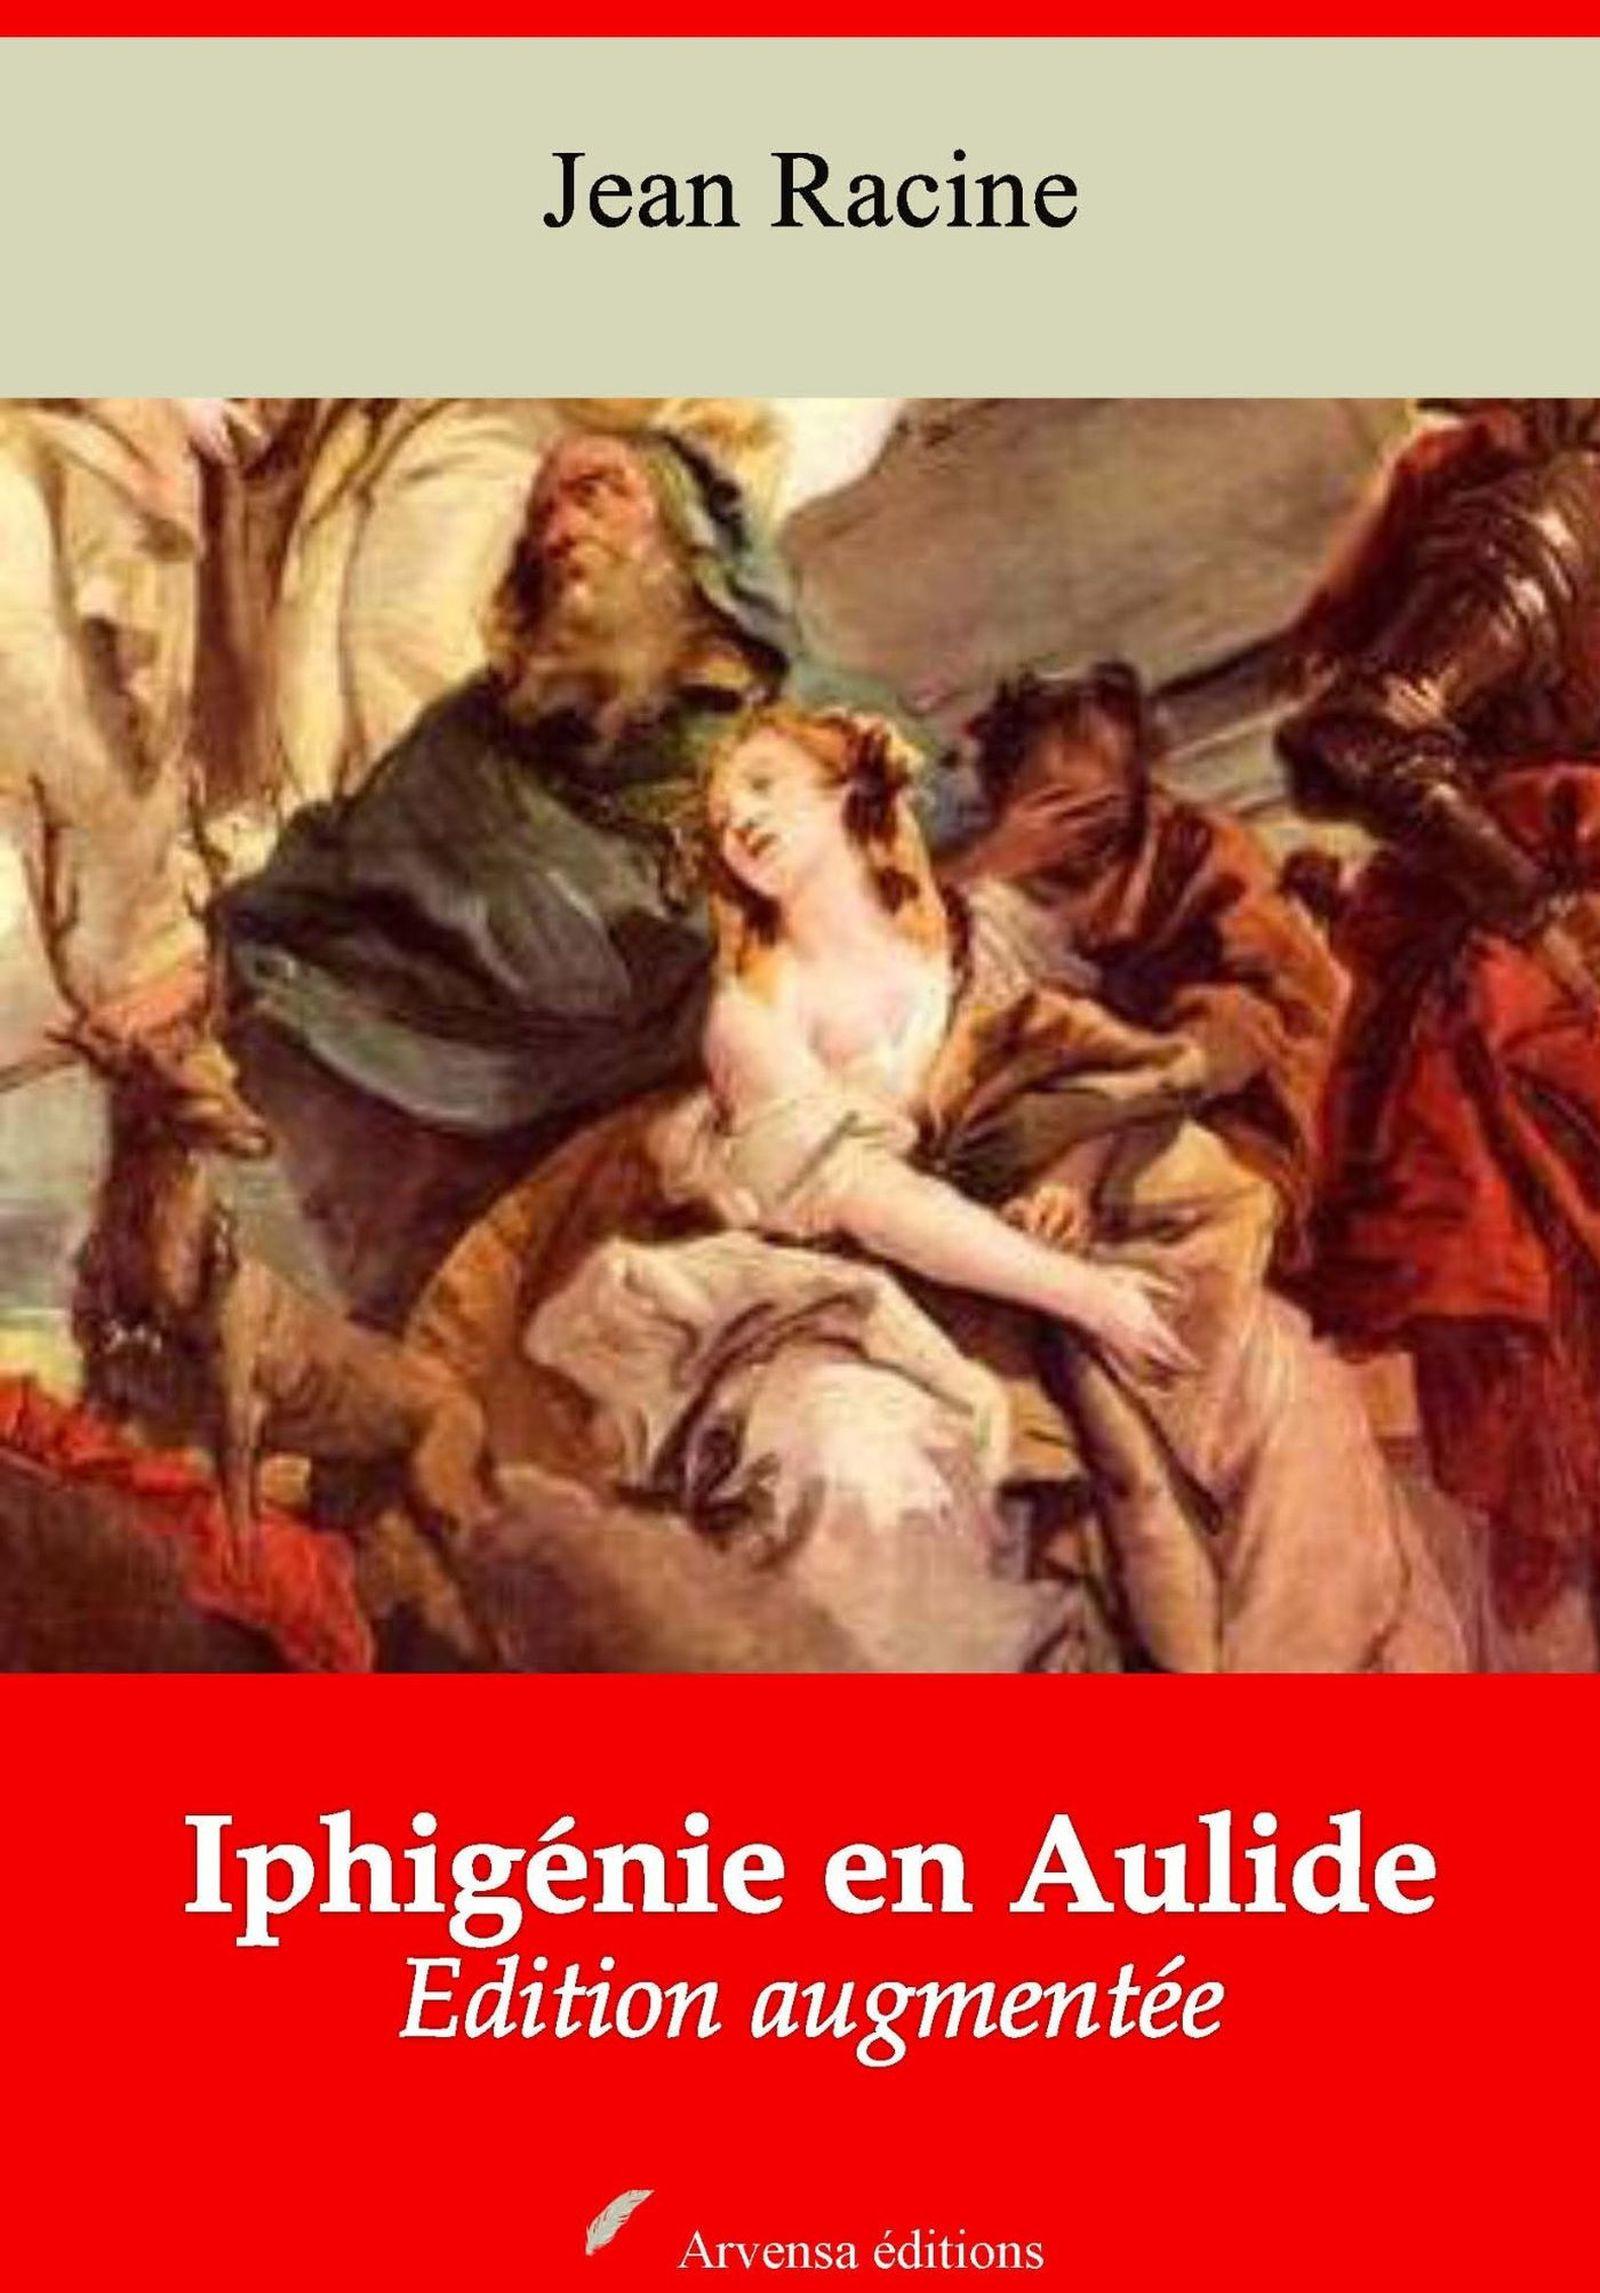 Iphigénie en Aulide - suivi d'annexes